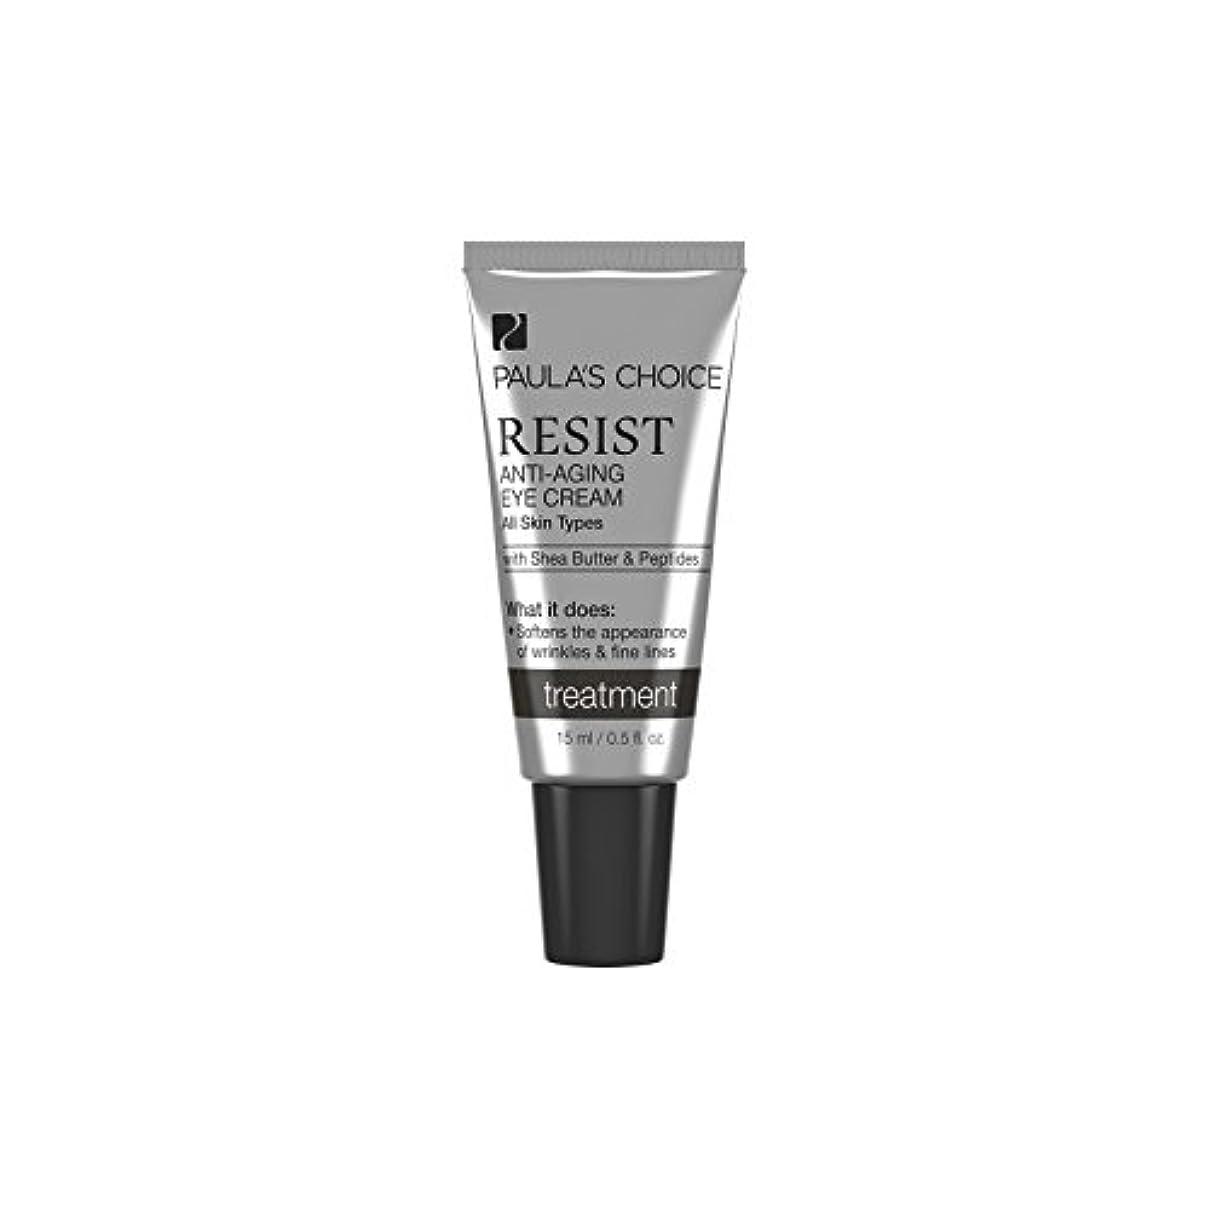 機密適度な自慢Paula's Choice Resist Eye Cream (Pack of 6) - ポーラチョイスは、アイクリームを抵抗します x6 [並行輸入品]